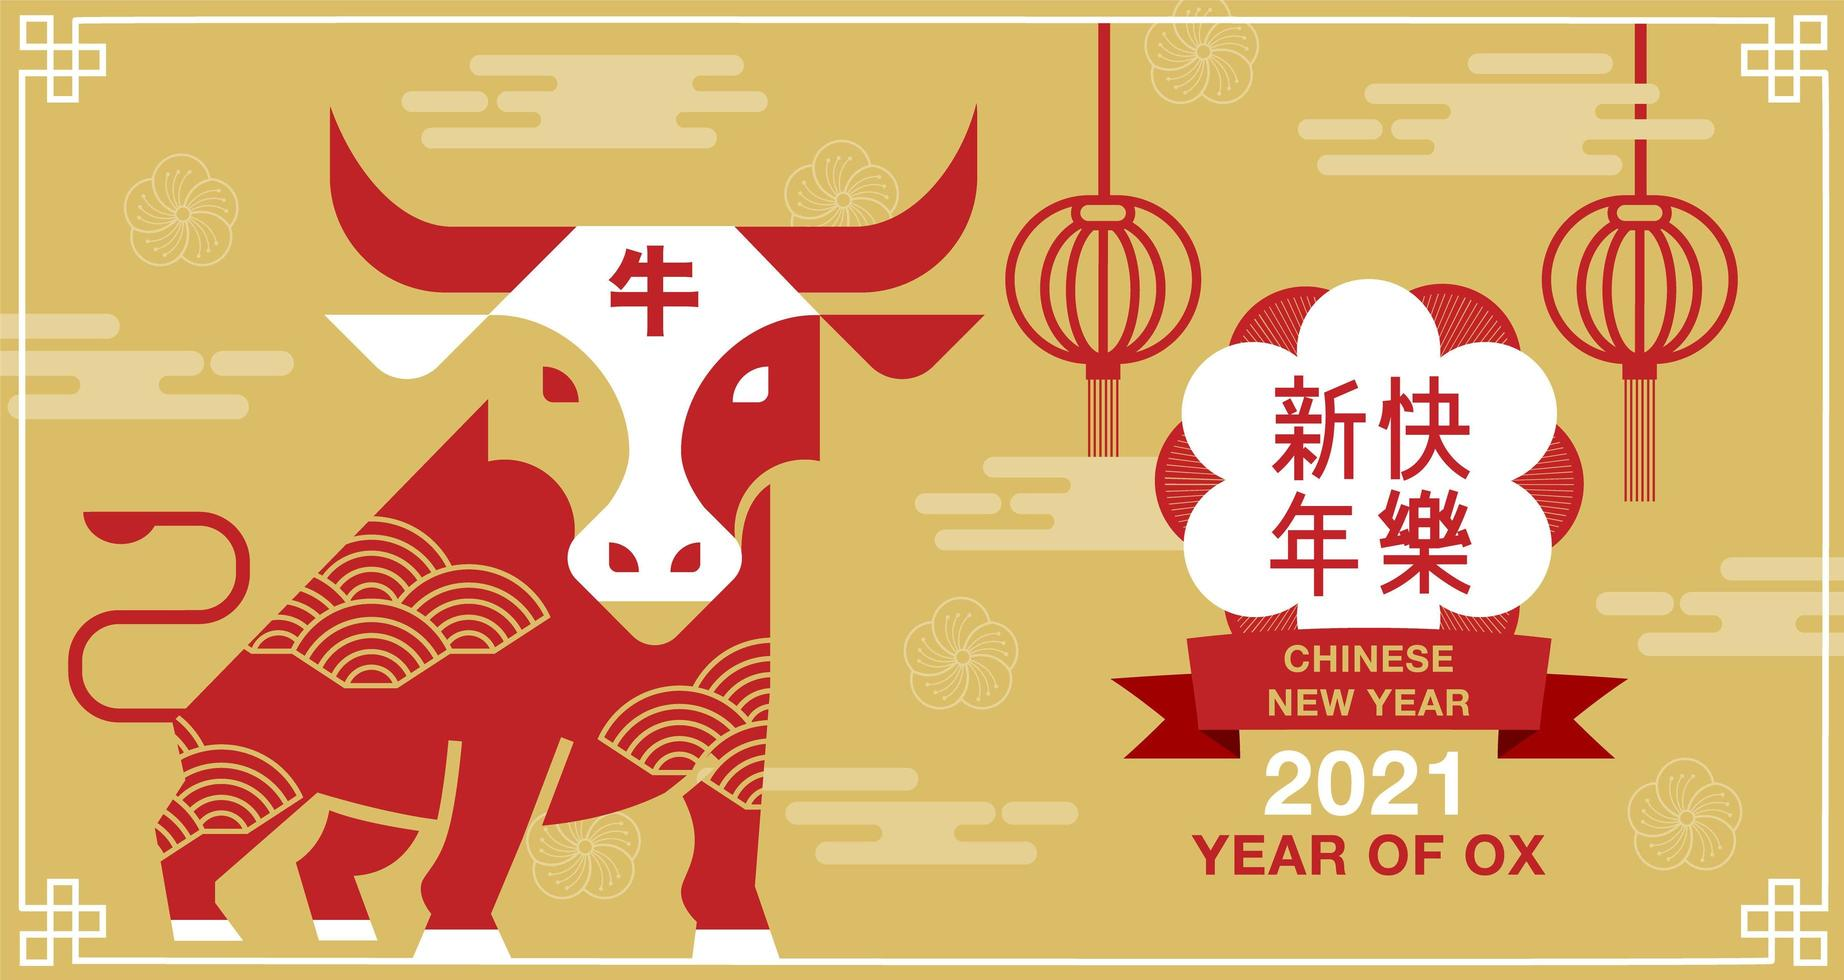 Oro chino año nuevo 2021 banner con buey rojo vector